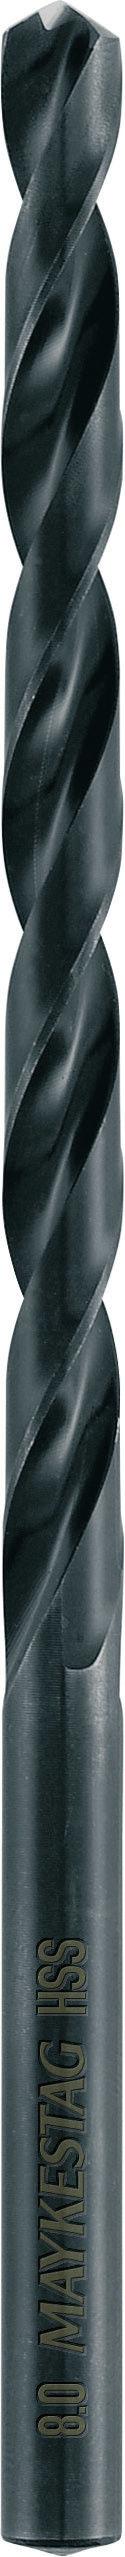 samocentrujące, wydłużone wiertło do metalu HSS 6,5-148/97mm, Alpen [0050100650100]